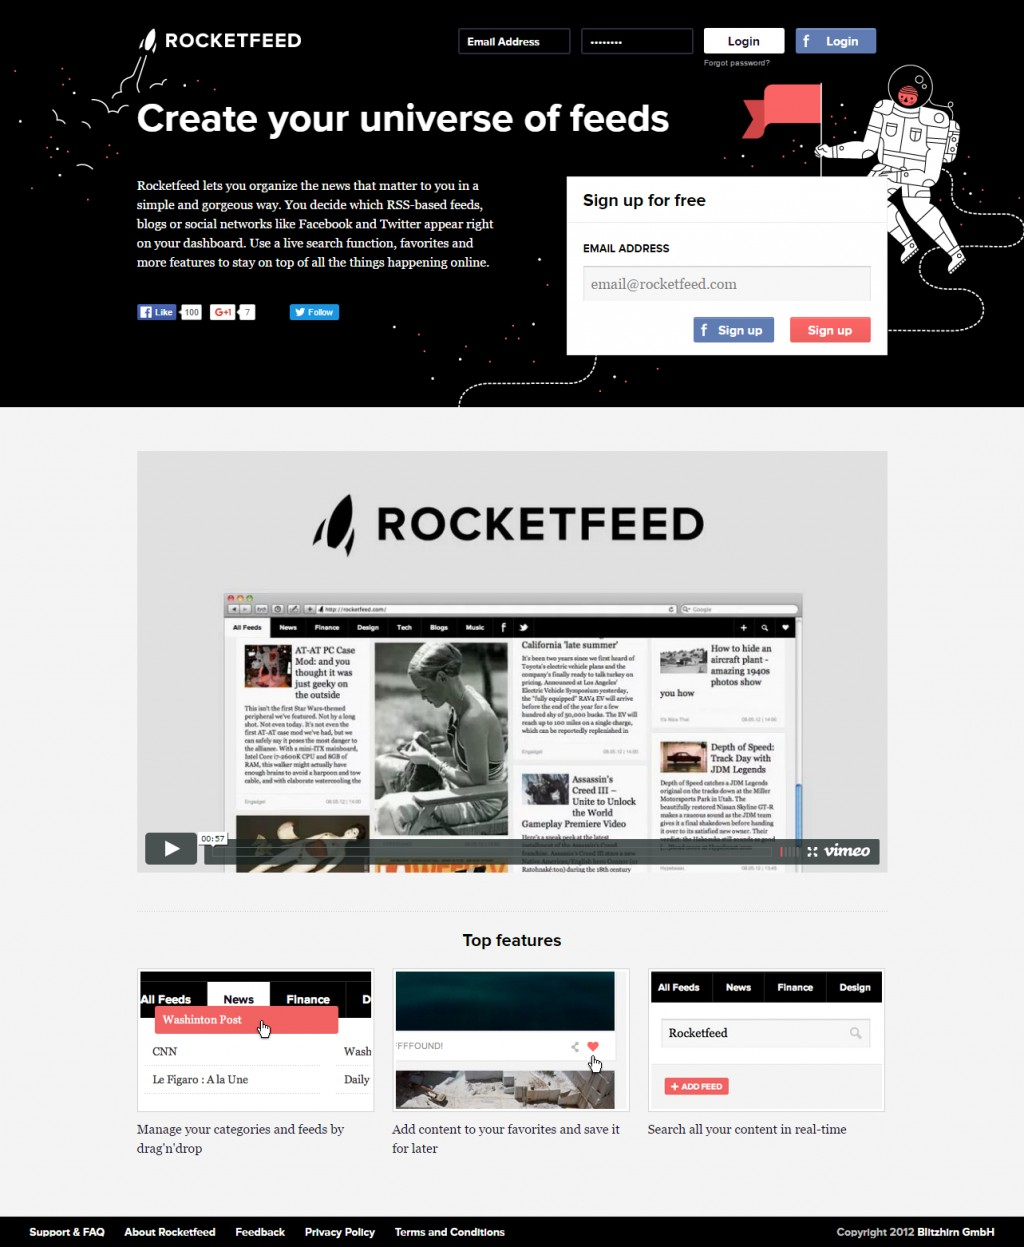 Rocketfeed